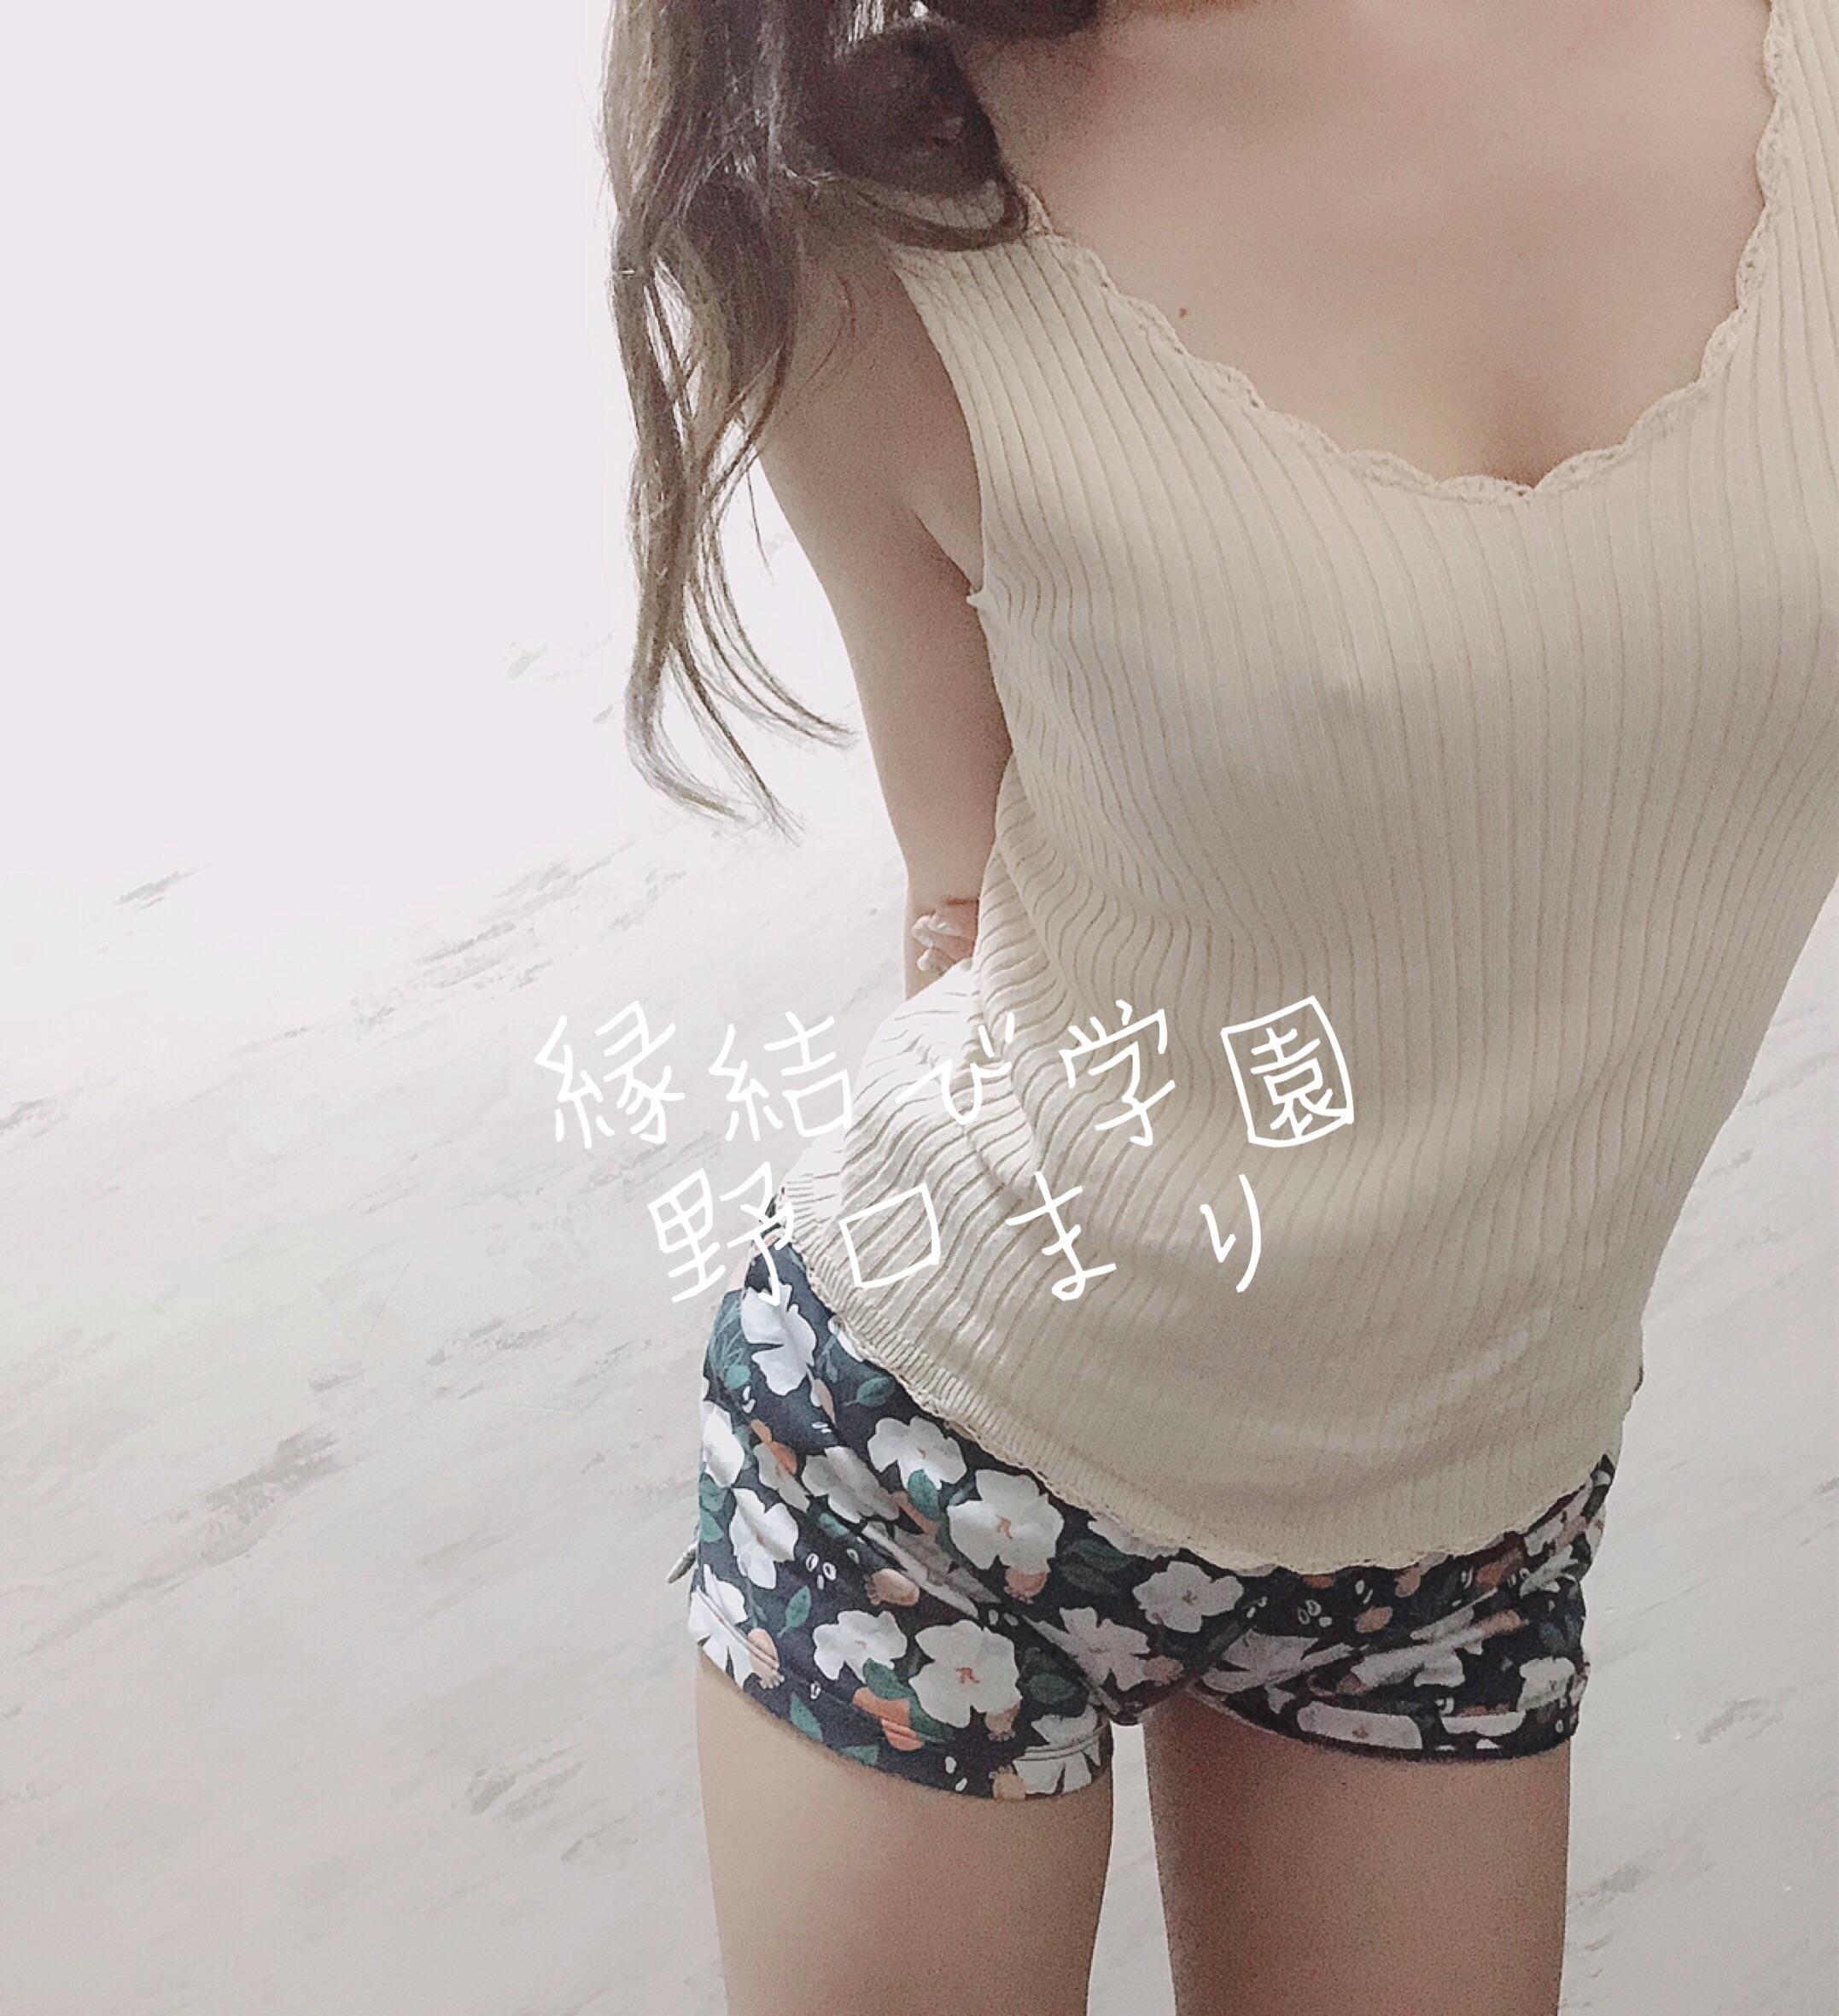 「胸いっぱい( *˙˙*)姫休暇最終日」06/30(日) 08:35 | 野口まりの写メ・風俗動画